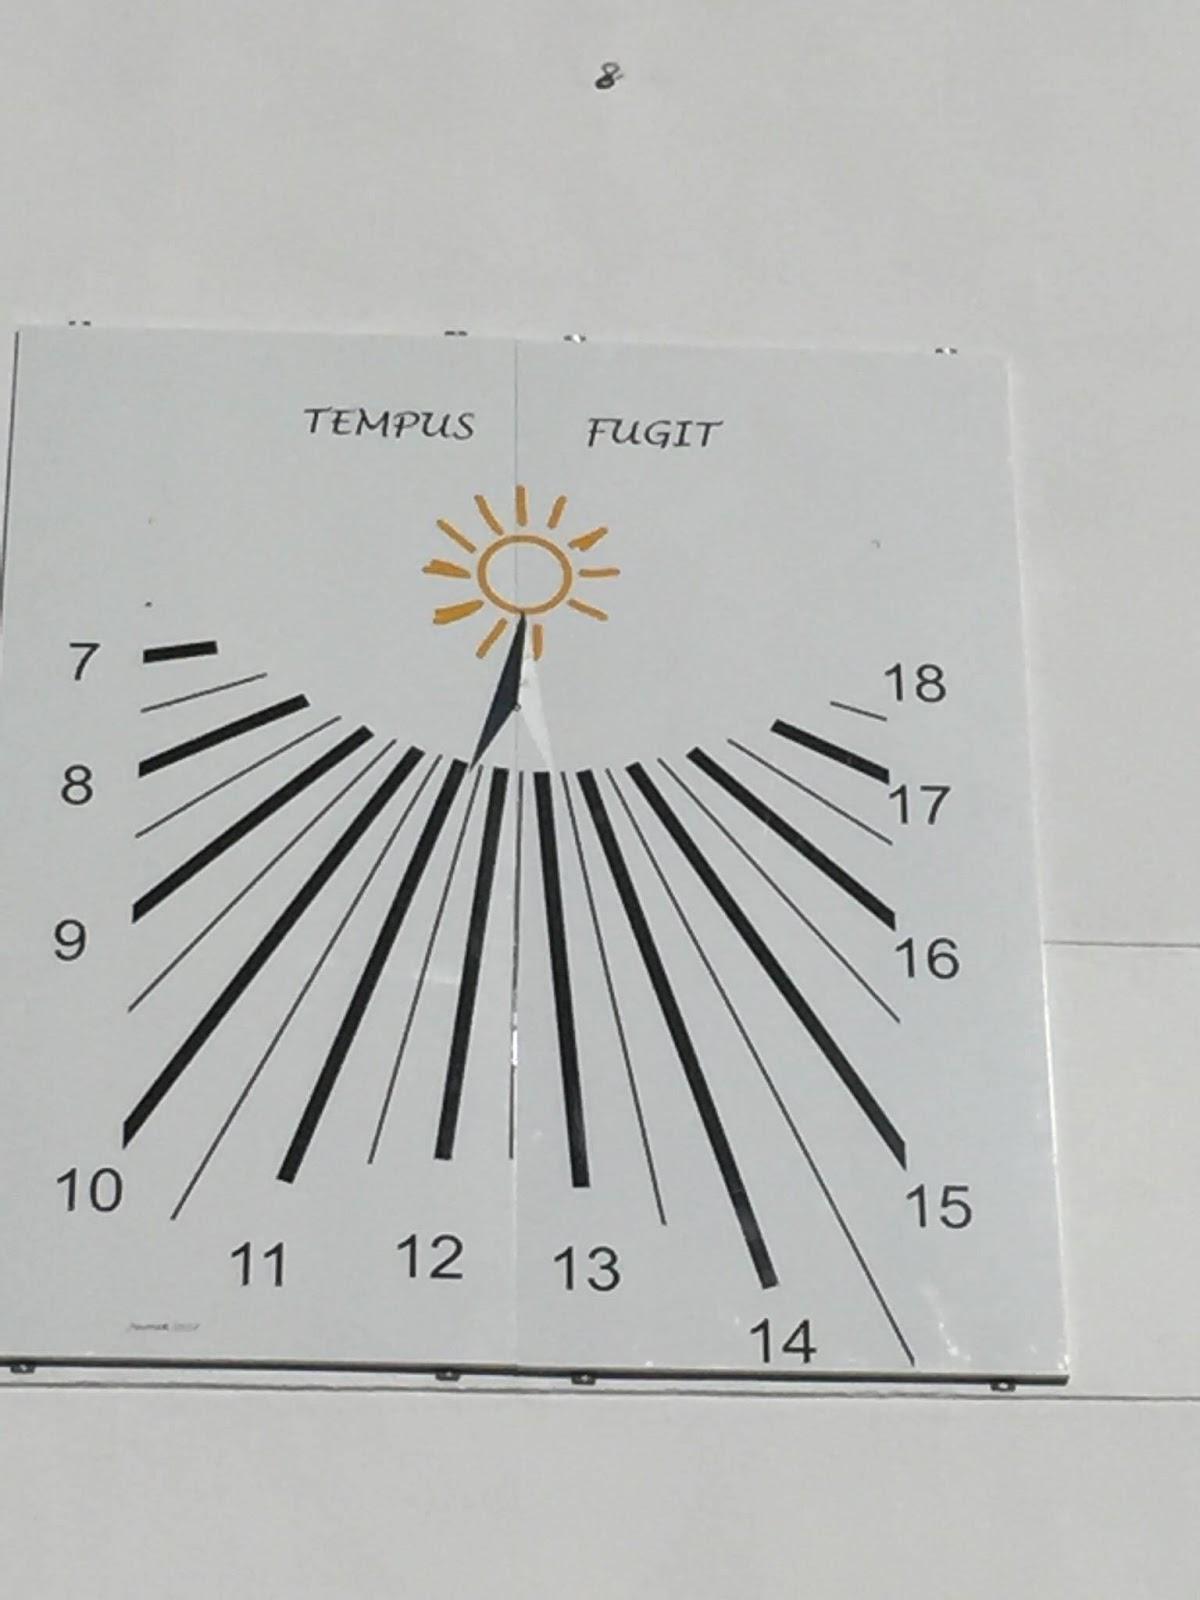 7d6e0a06d7b Estação Cronográfica  Novo relógio de sol monumental na zona de ...